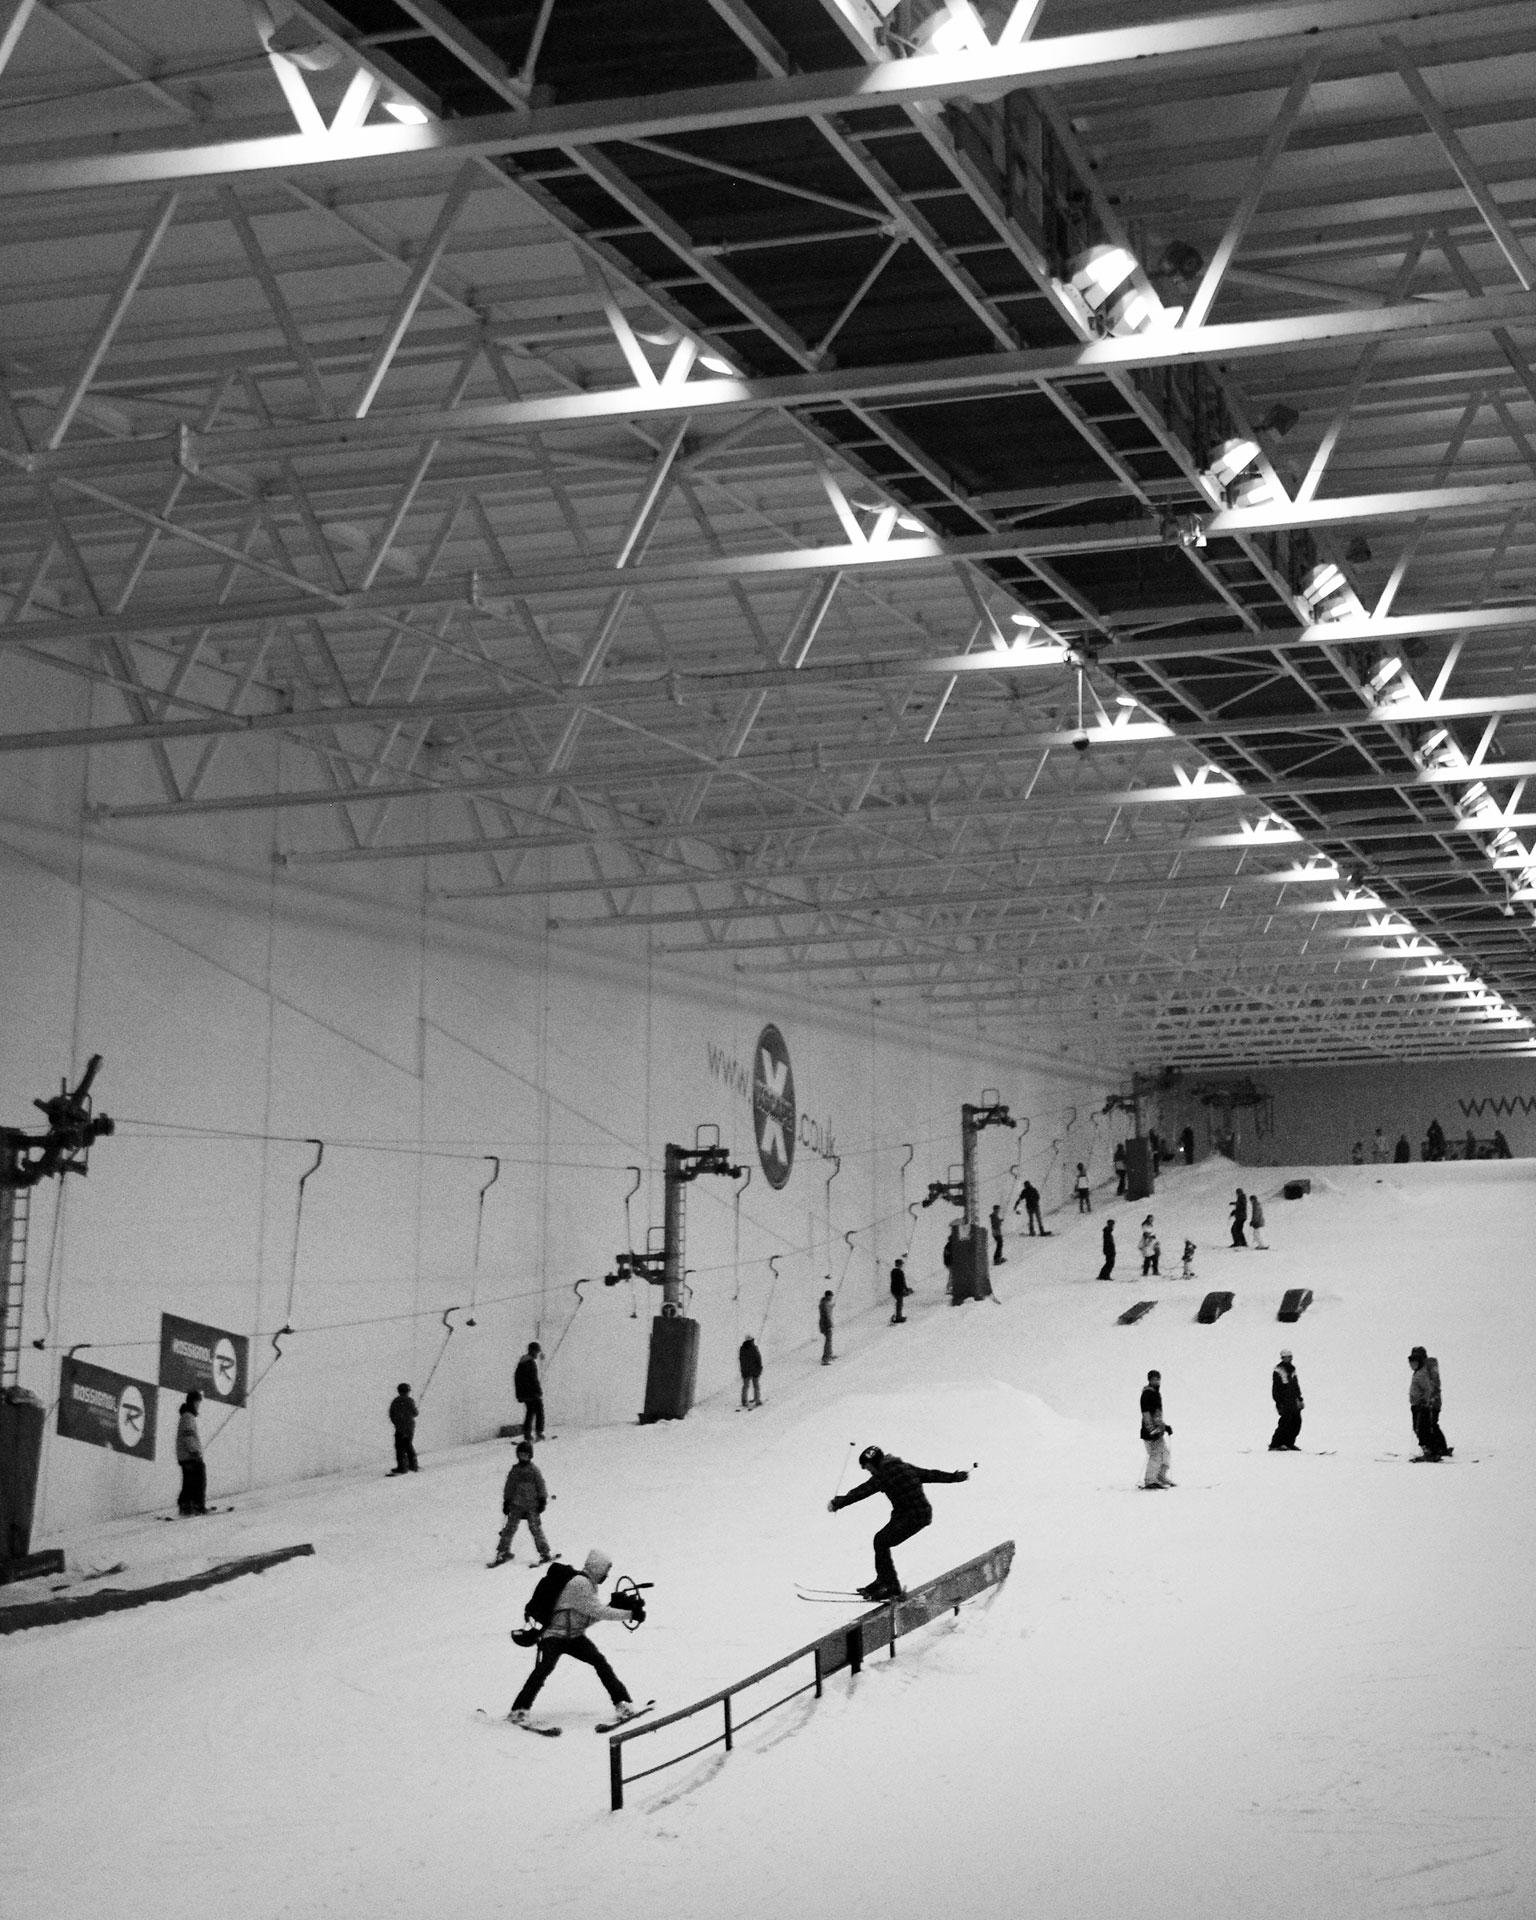 Rob Heule, Xscape Snowzone